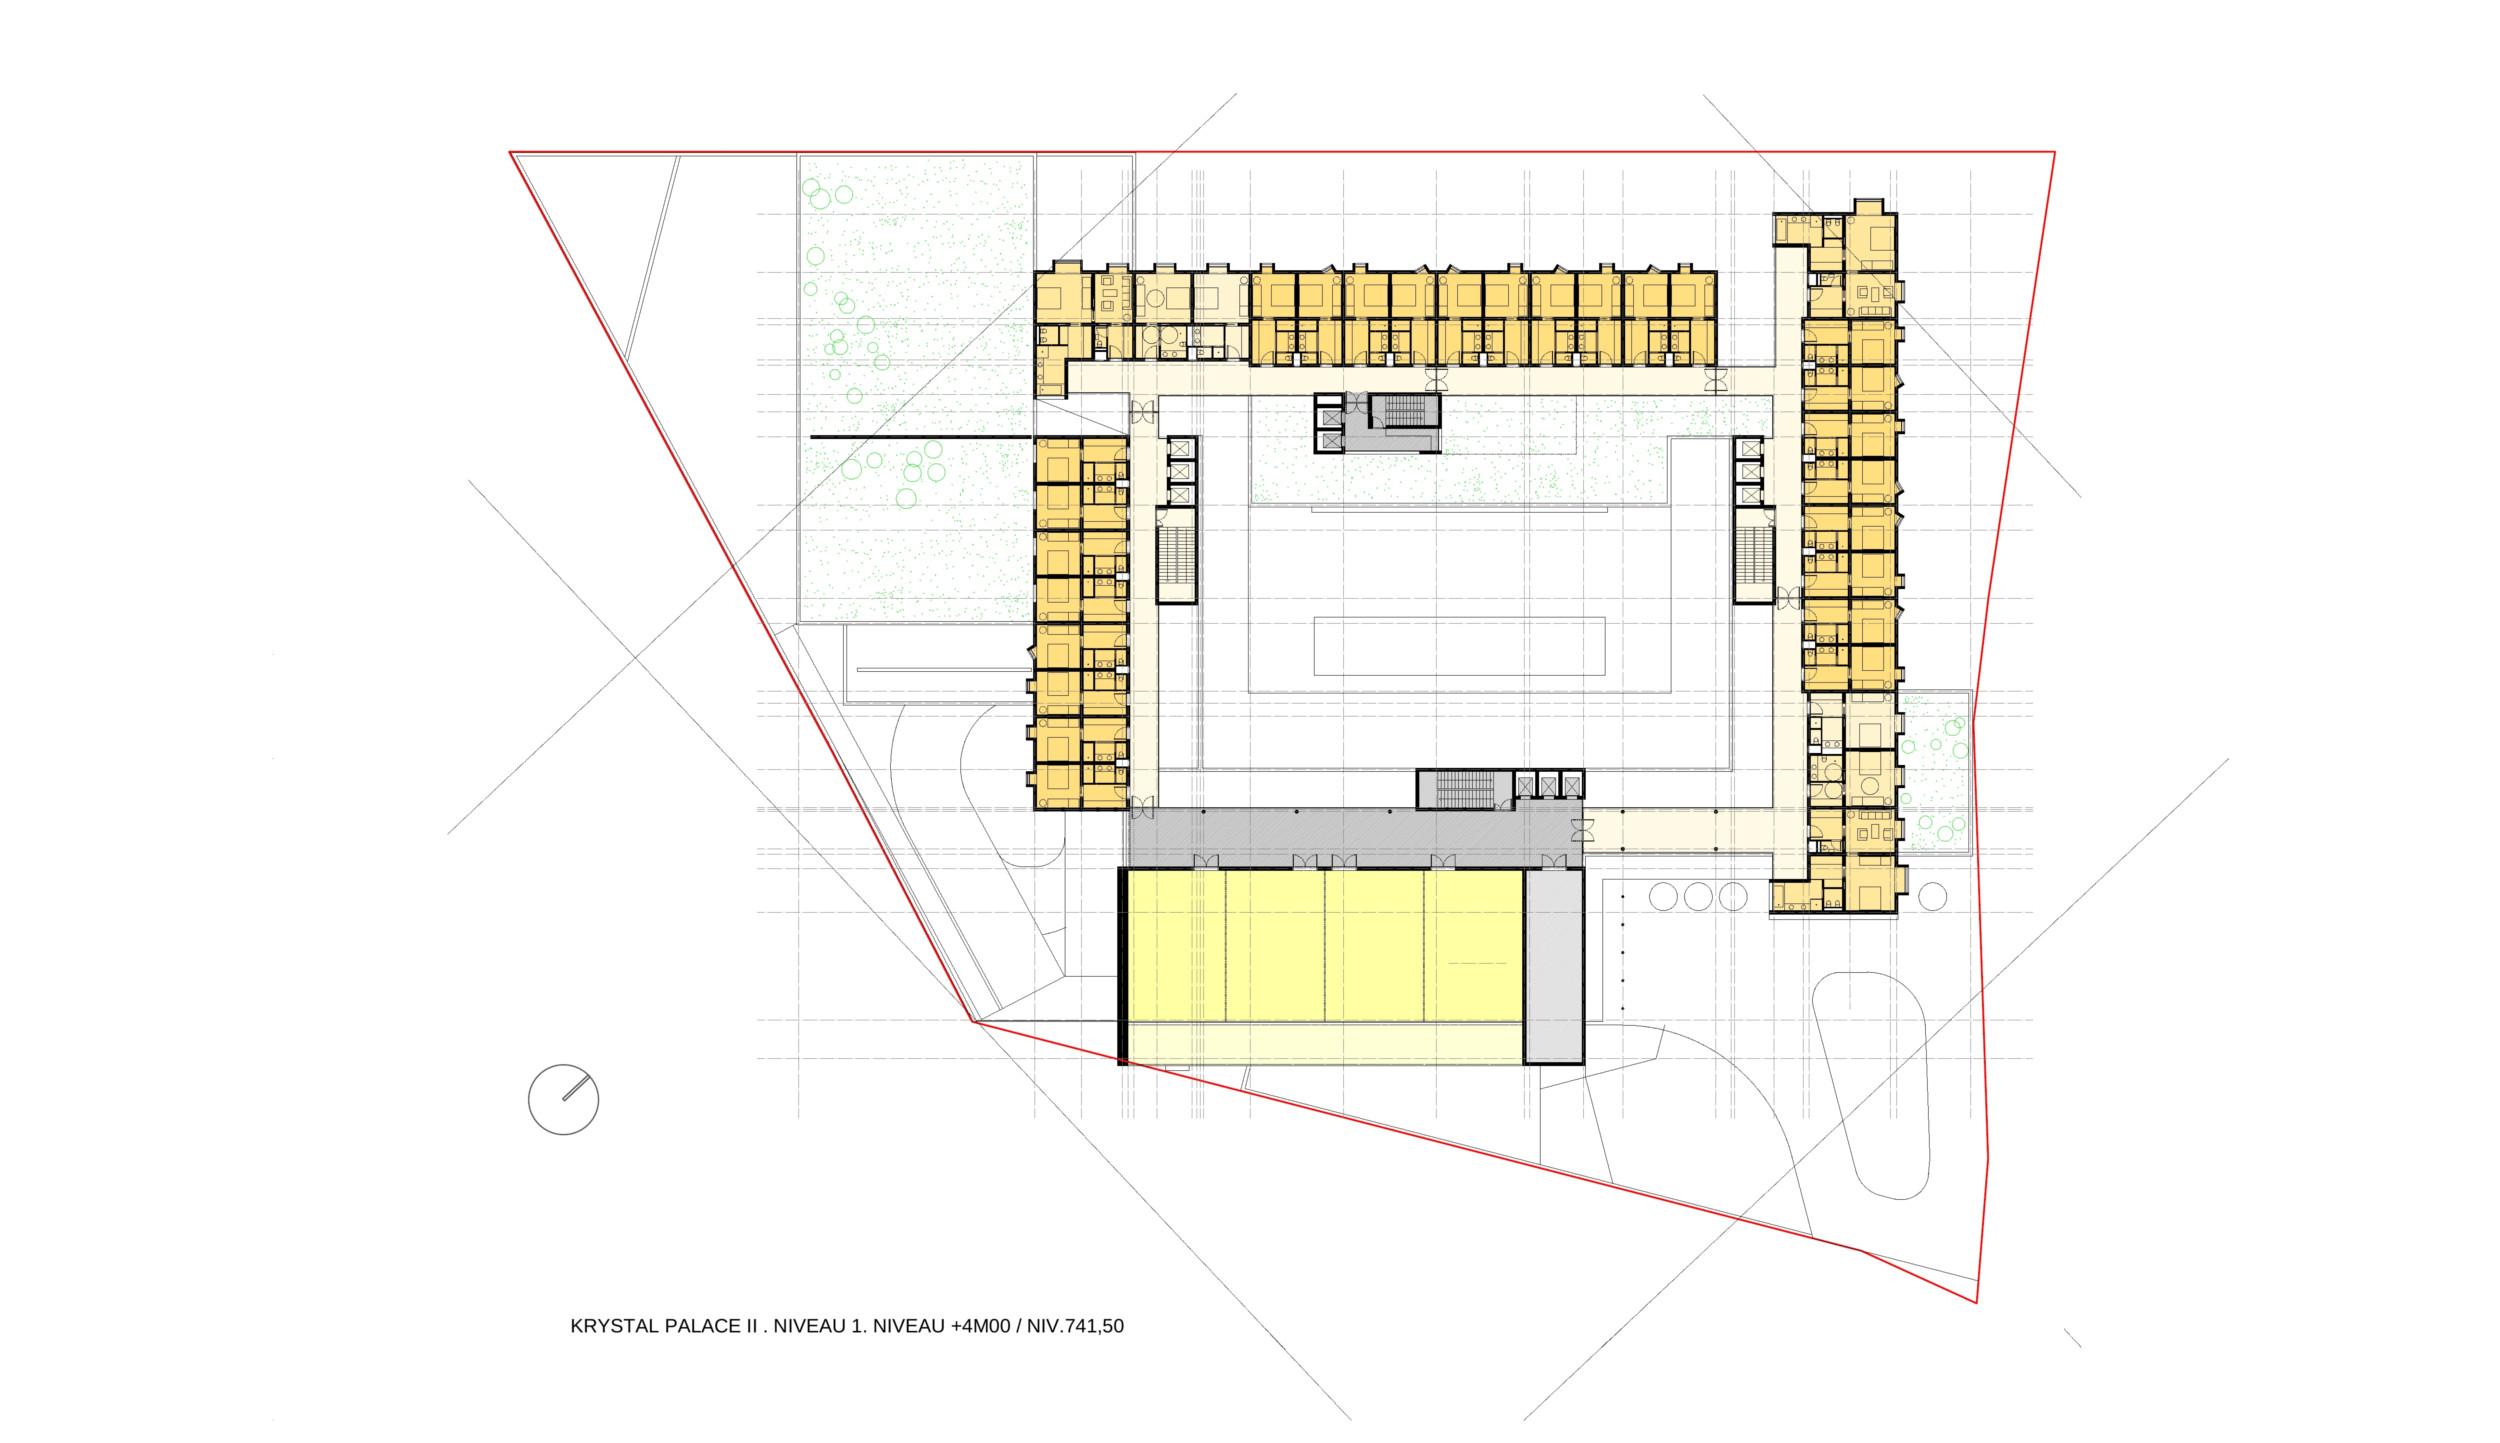 KRYSTAL PALACE-plan-13-n1